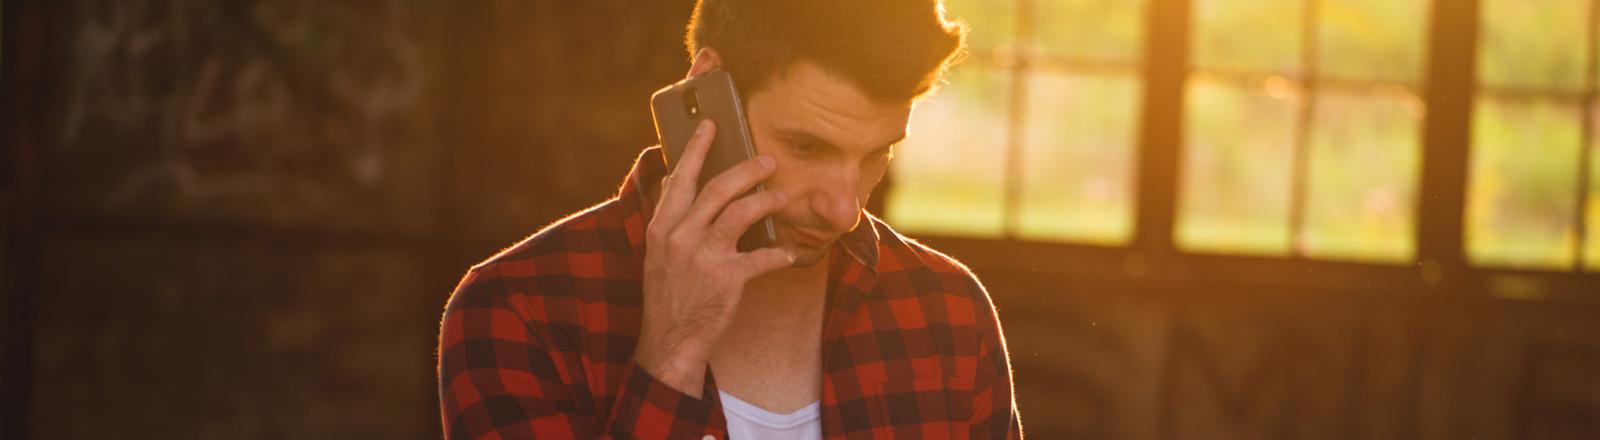 Ein Mann telefoniert mit seinem Mobiltelefon.